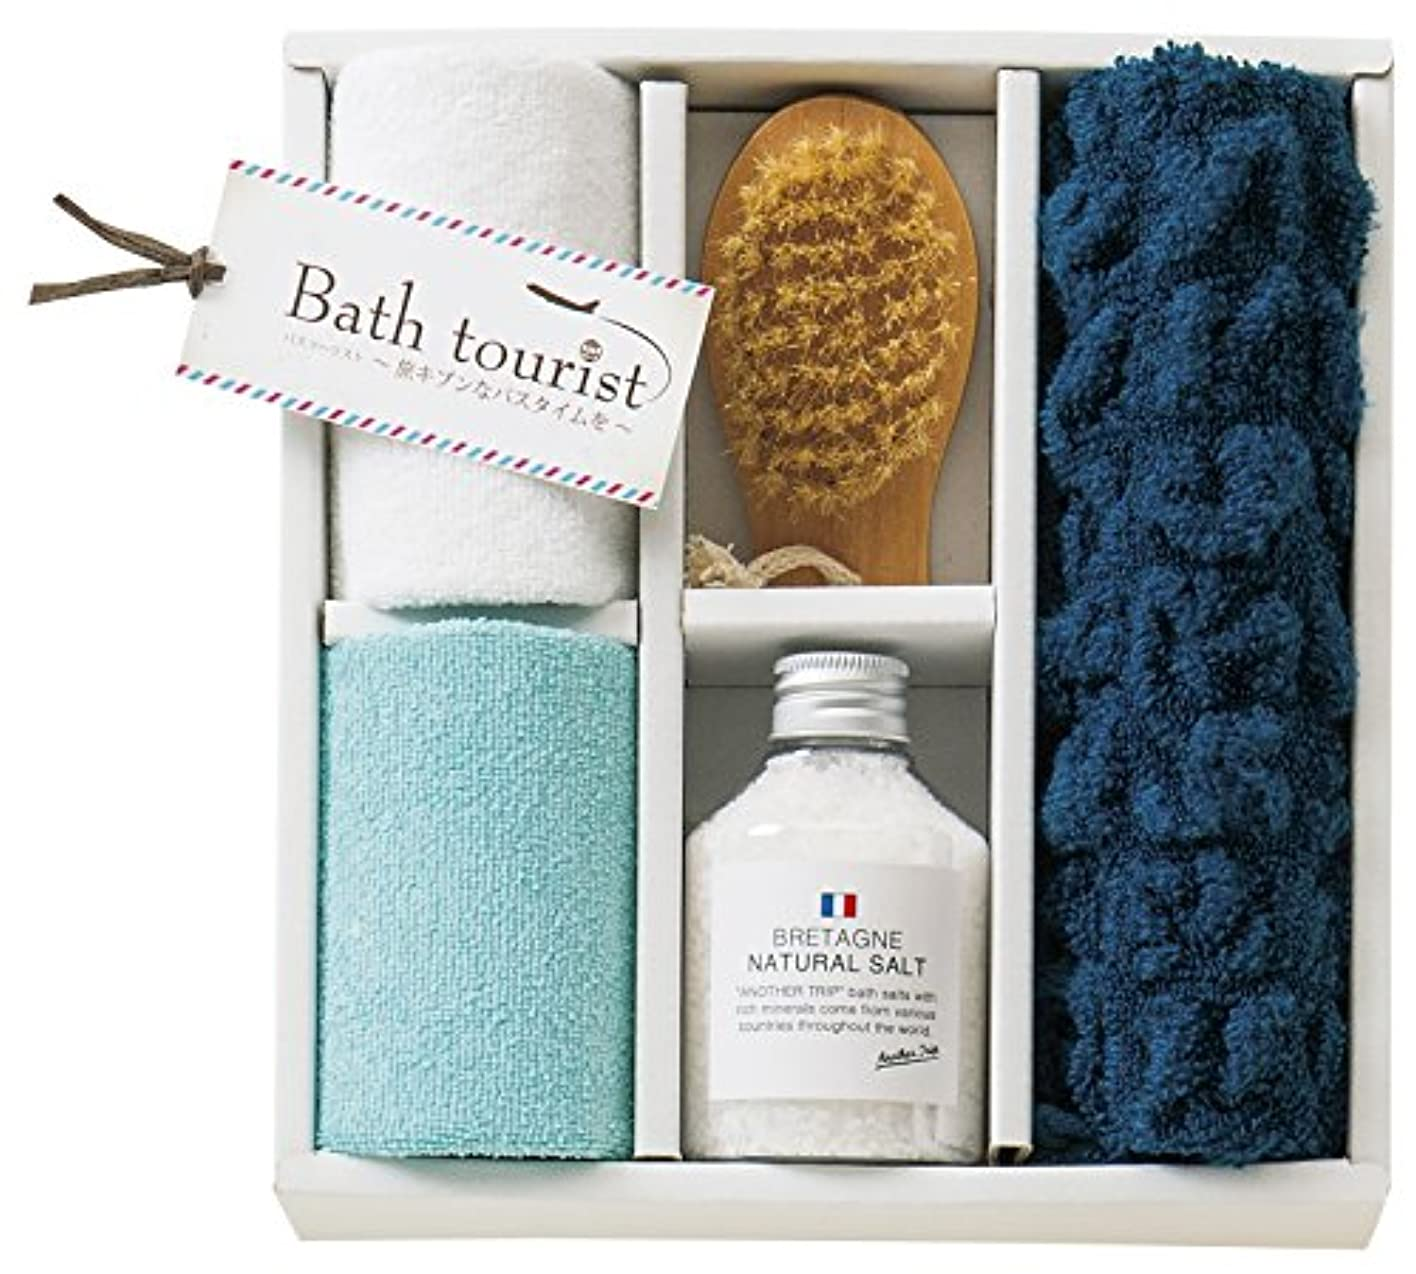 早熟起業家ホームBT-015 バスツーリスト  入浴剤セット